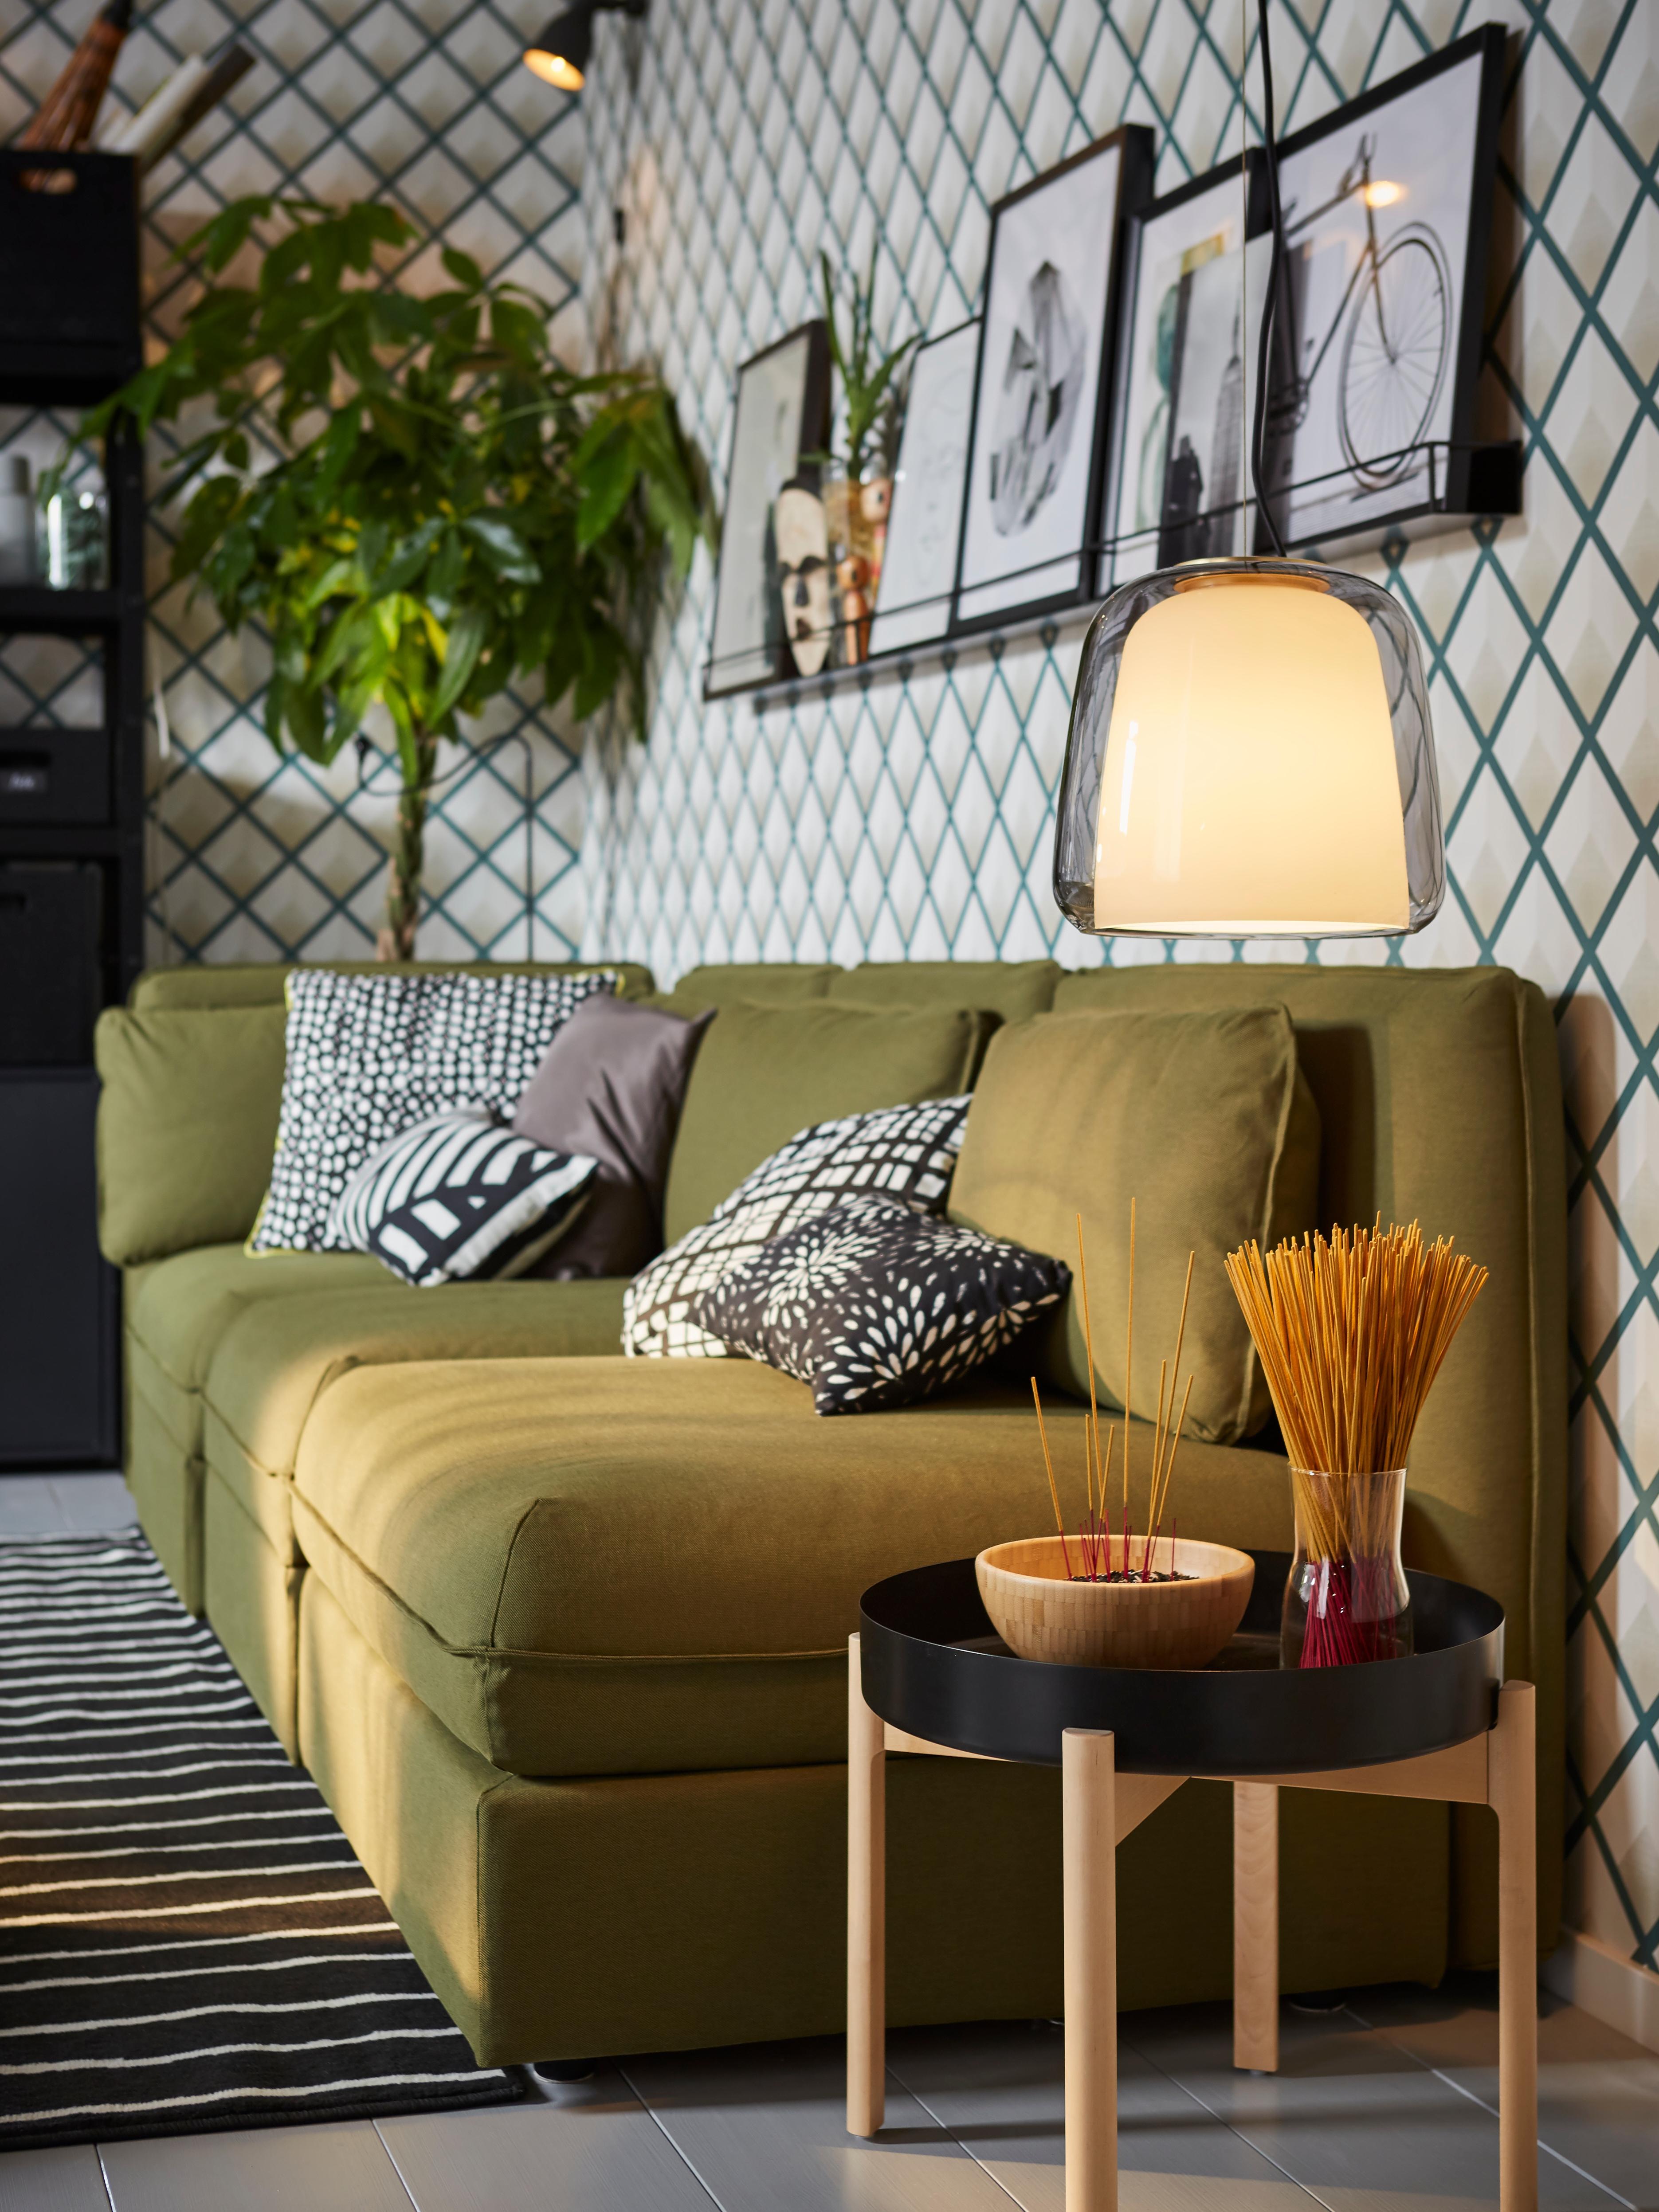 Siva EVEDAL visilica sa zaobljenim dvostrukim staklenim sjenilom visi nisko iznad pomoćnog stola uz sofu maslinasto-zelene boje.